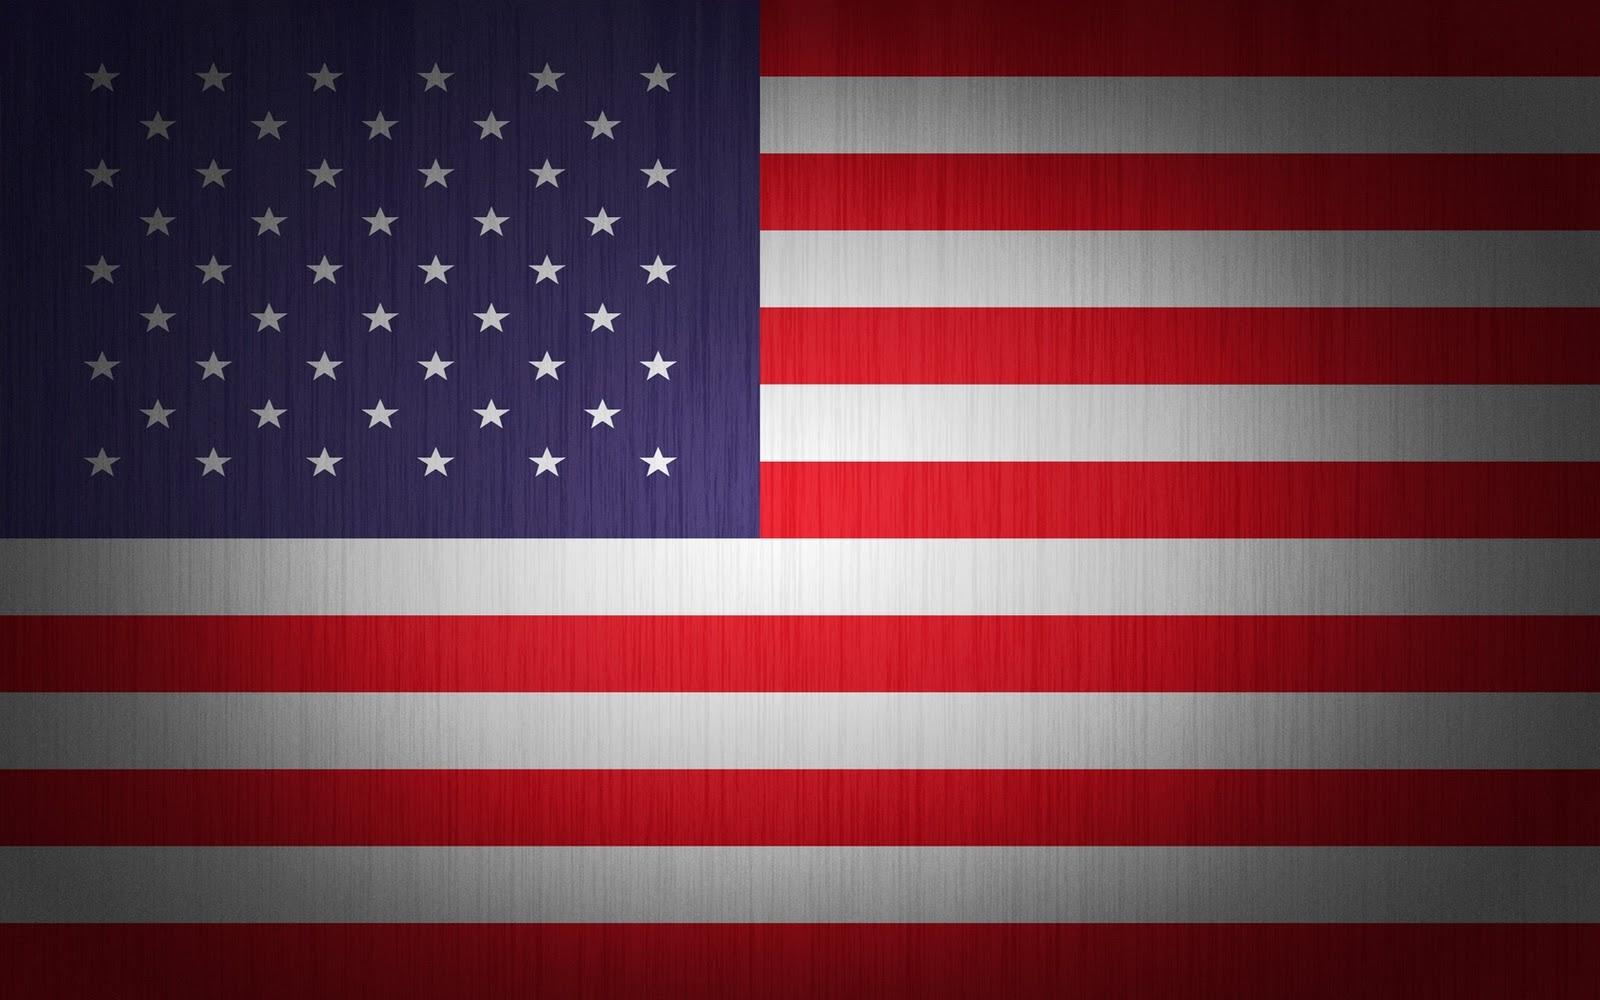 http://3.bp.blogspot.com/-zHtDu-sHfYE/ToC0WJPjxsI/AAAAAAAAGZo/D1Bzz48JYxk/s1600/Bandera_Estados_Unidos.jpg